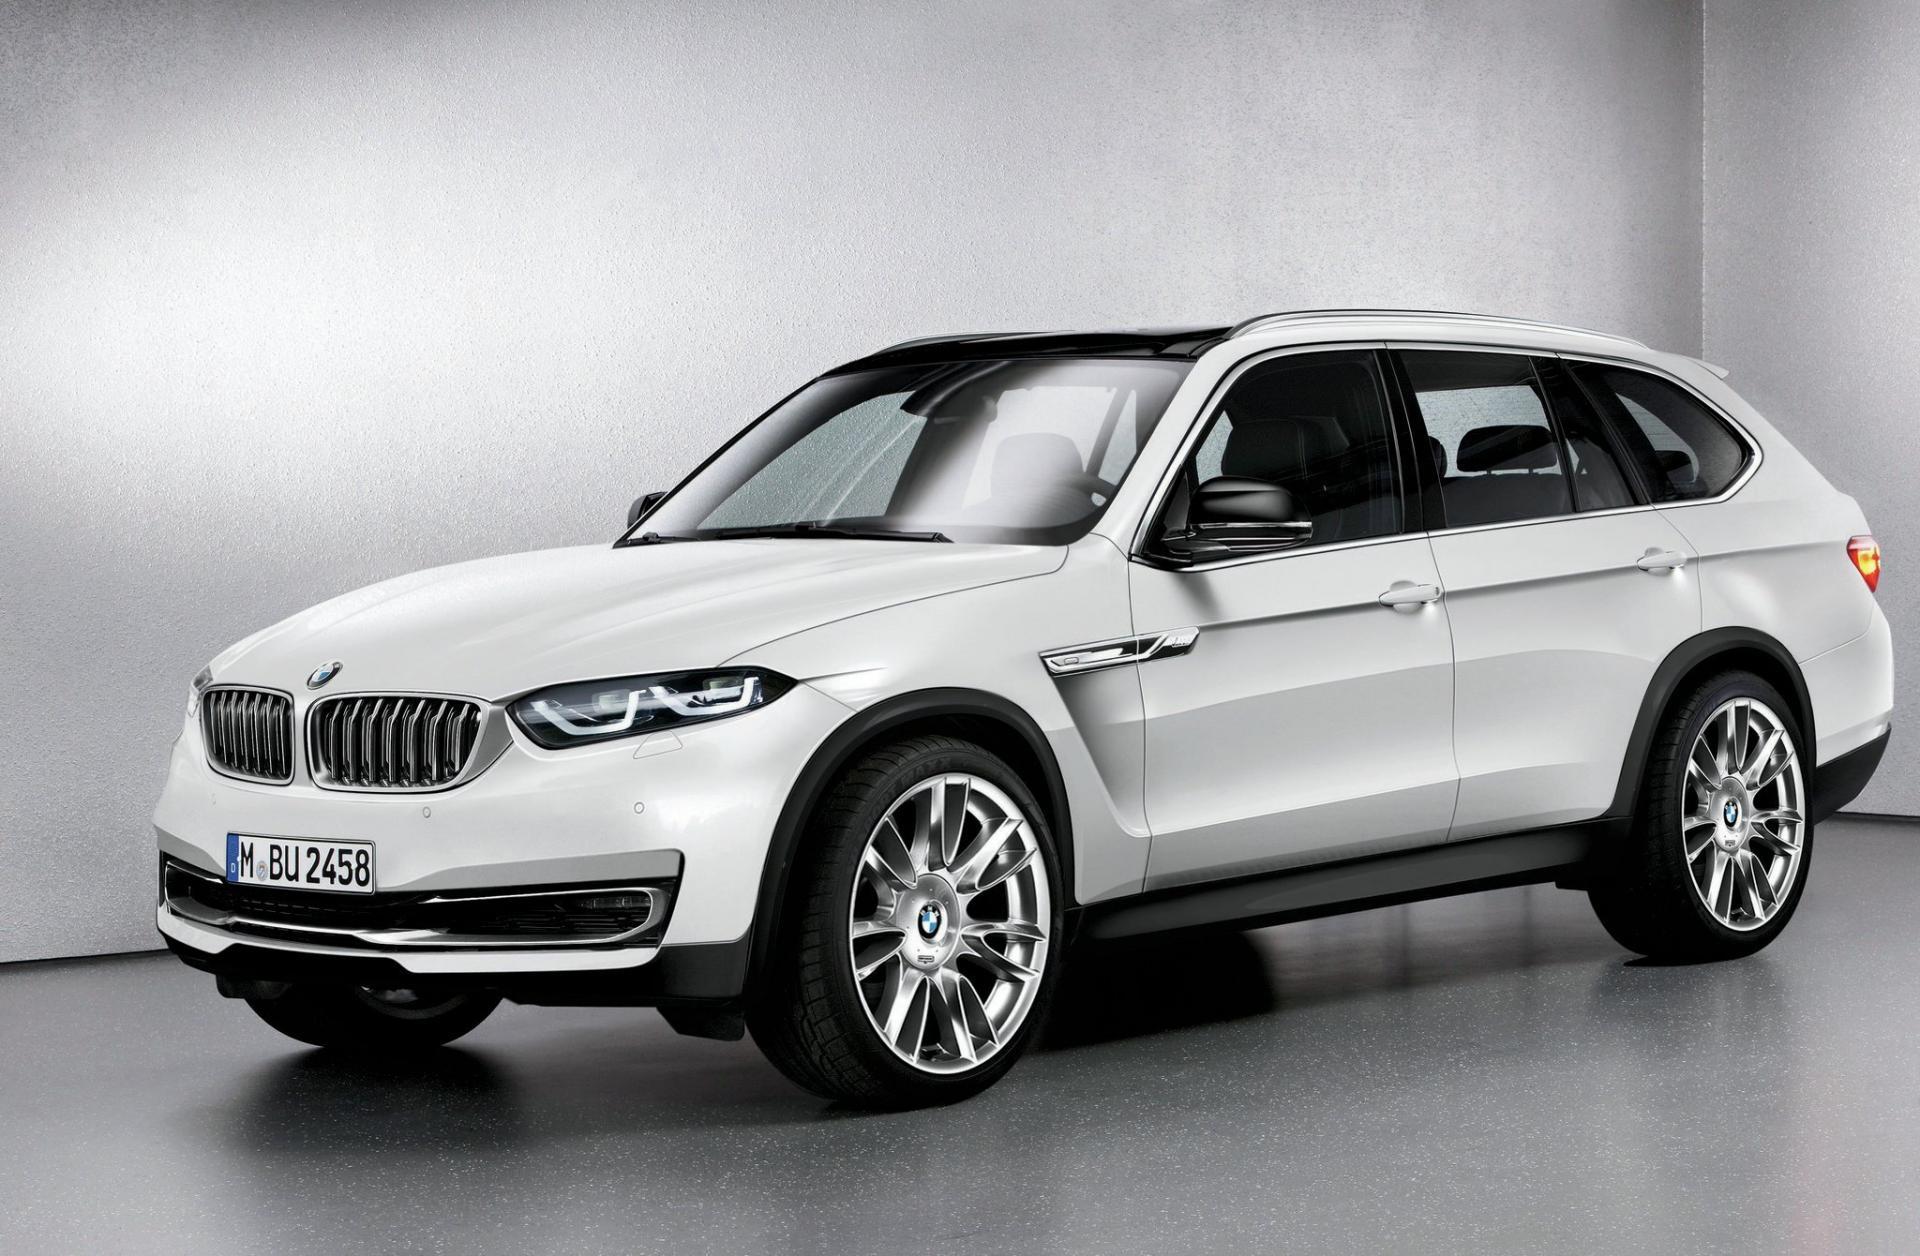 BMW занялся созданием большеразмерного внедорожника Х7